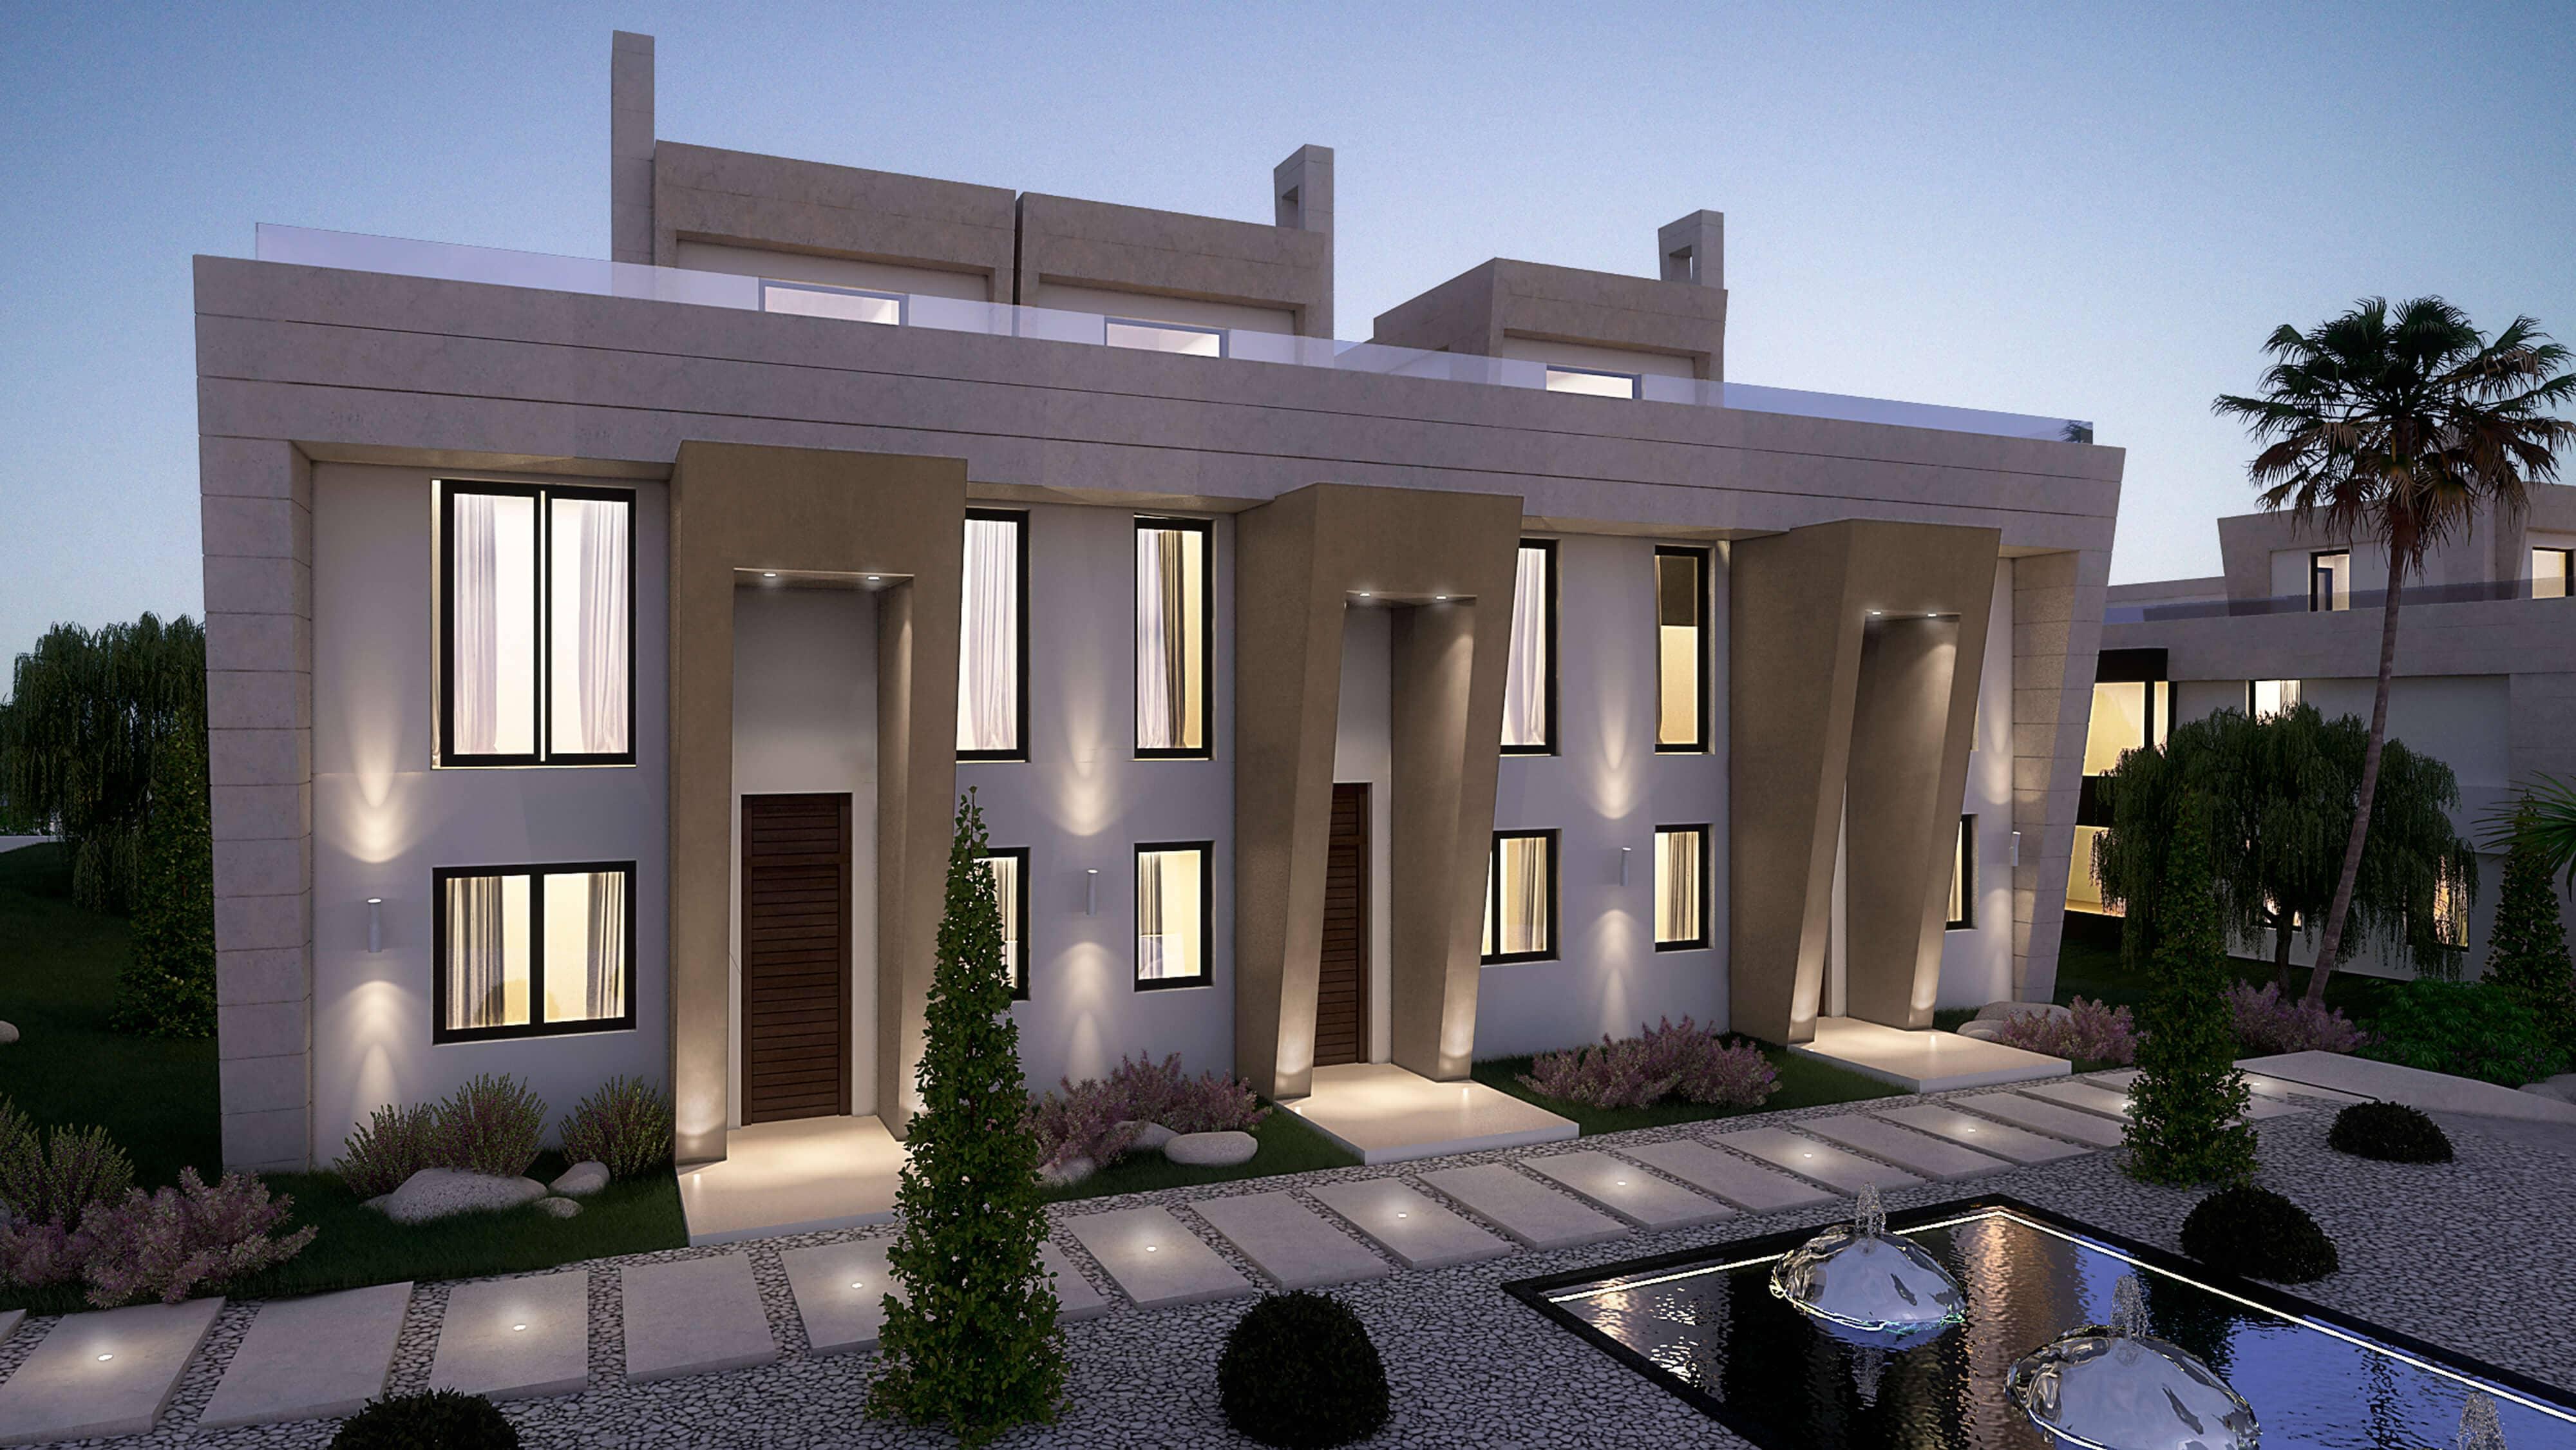 Epic marbella exclusieve luxe huizen op de golden mile marbella